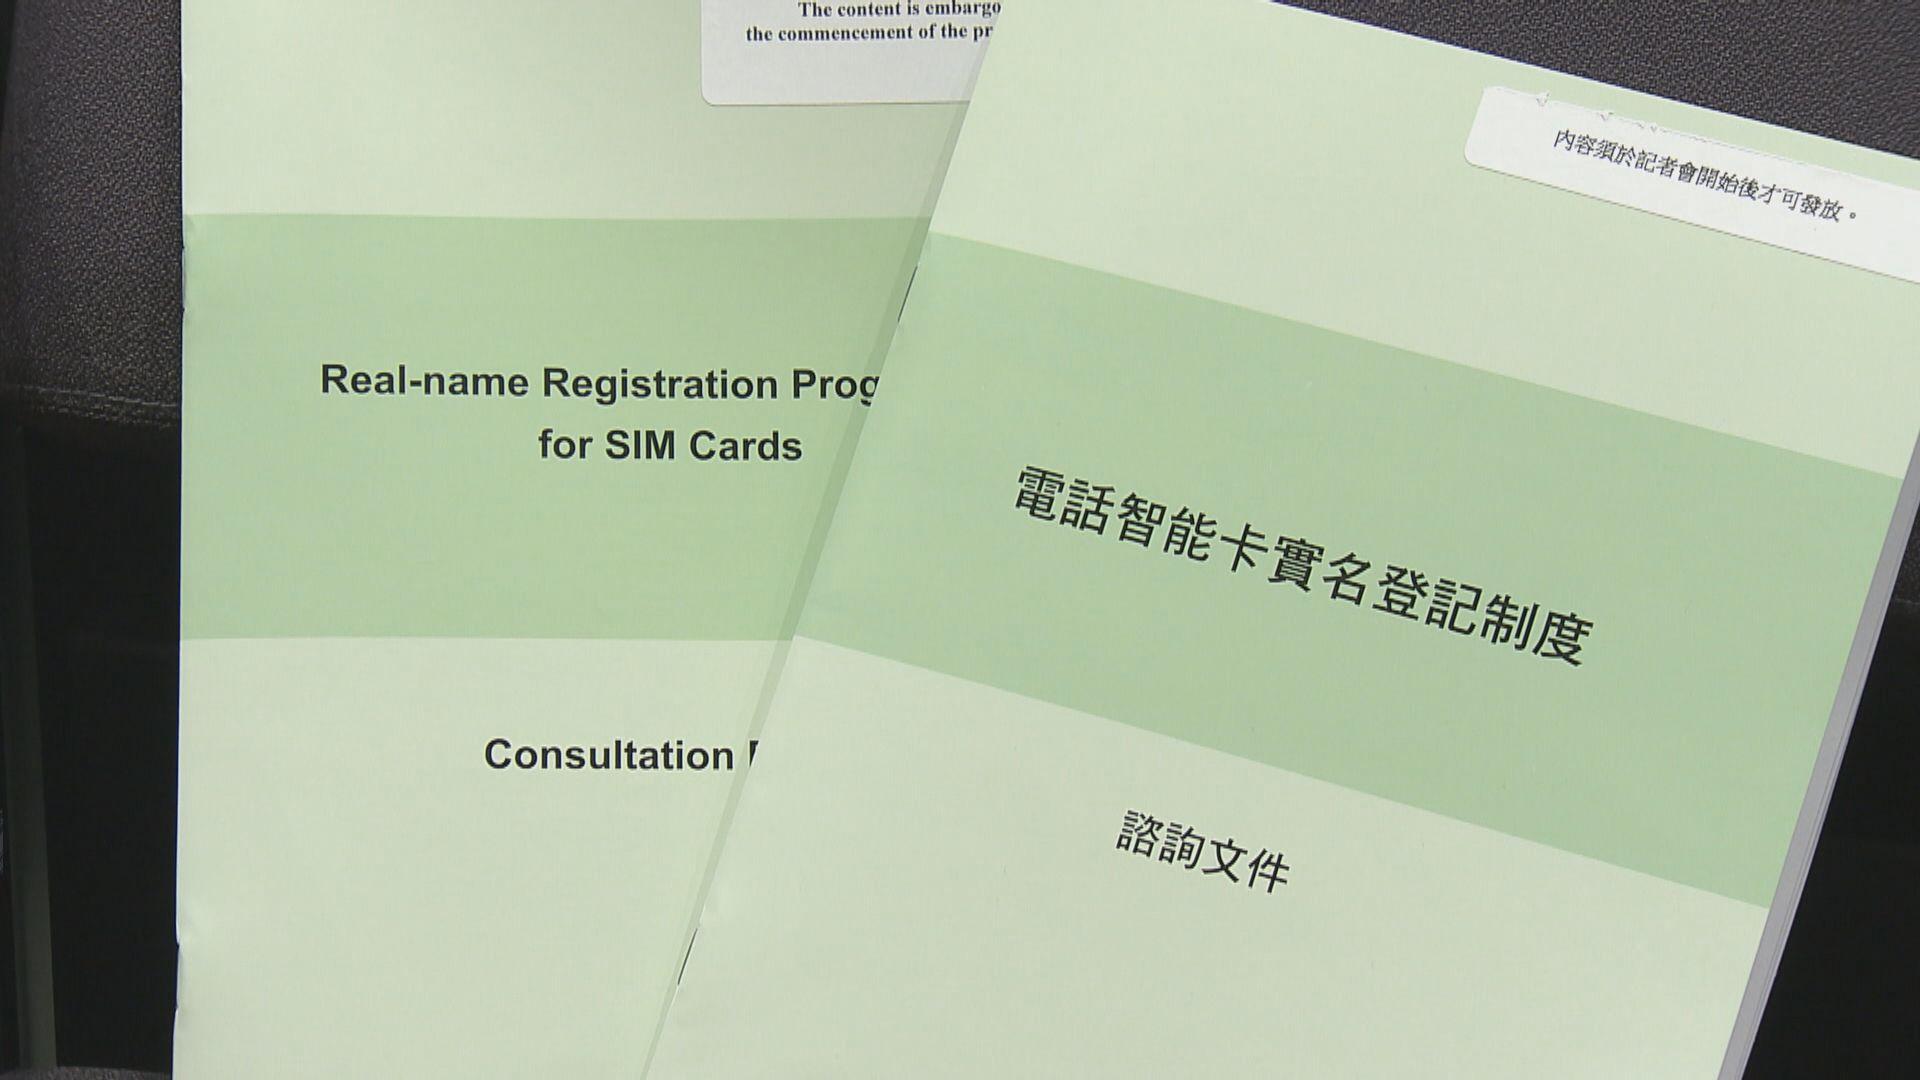 政府建議引入電話智能卡實名登記制